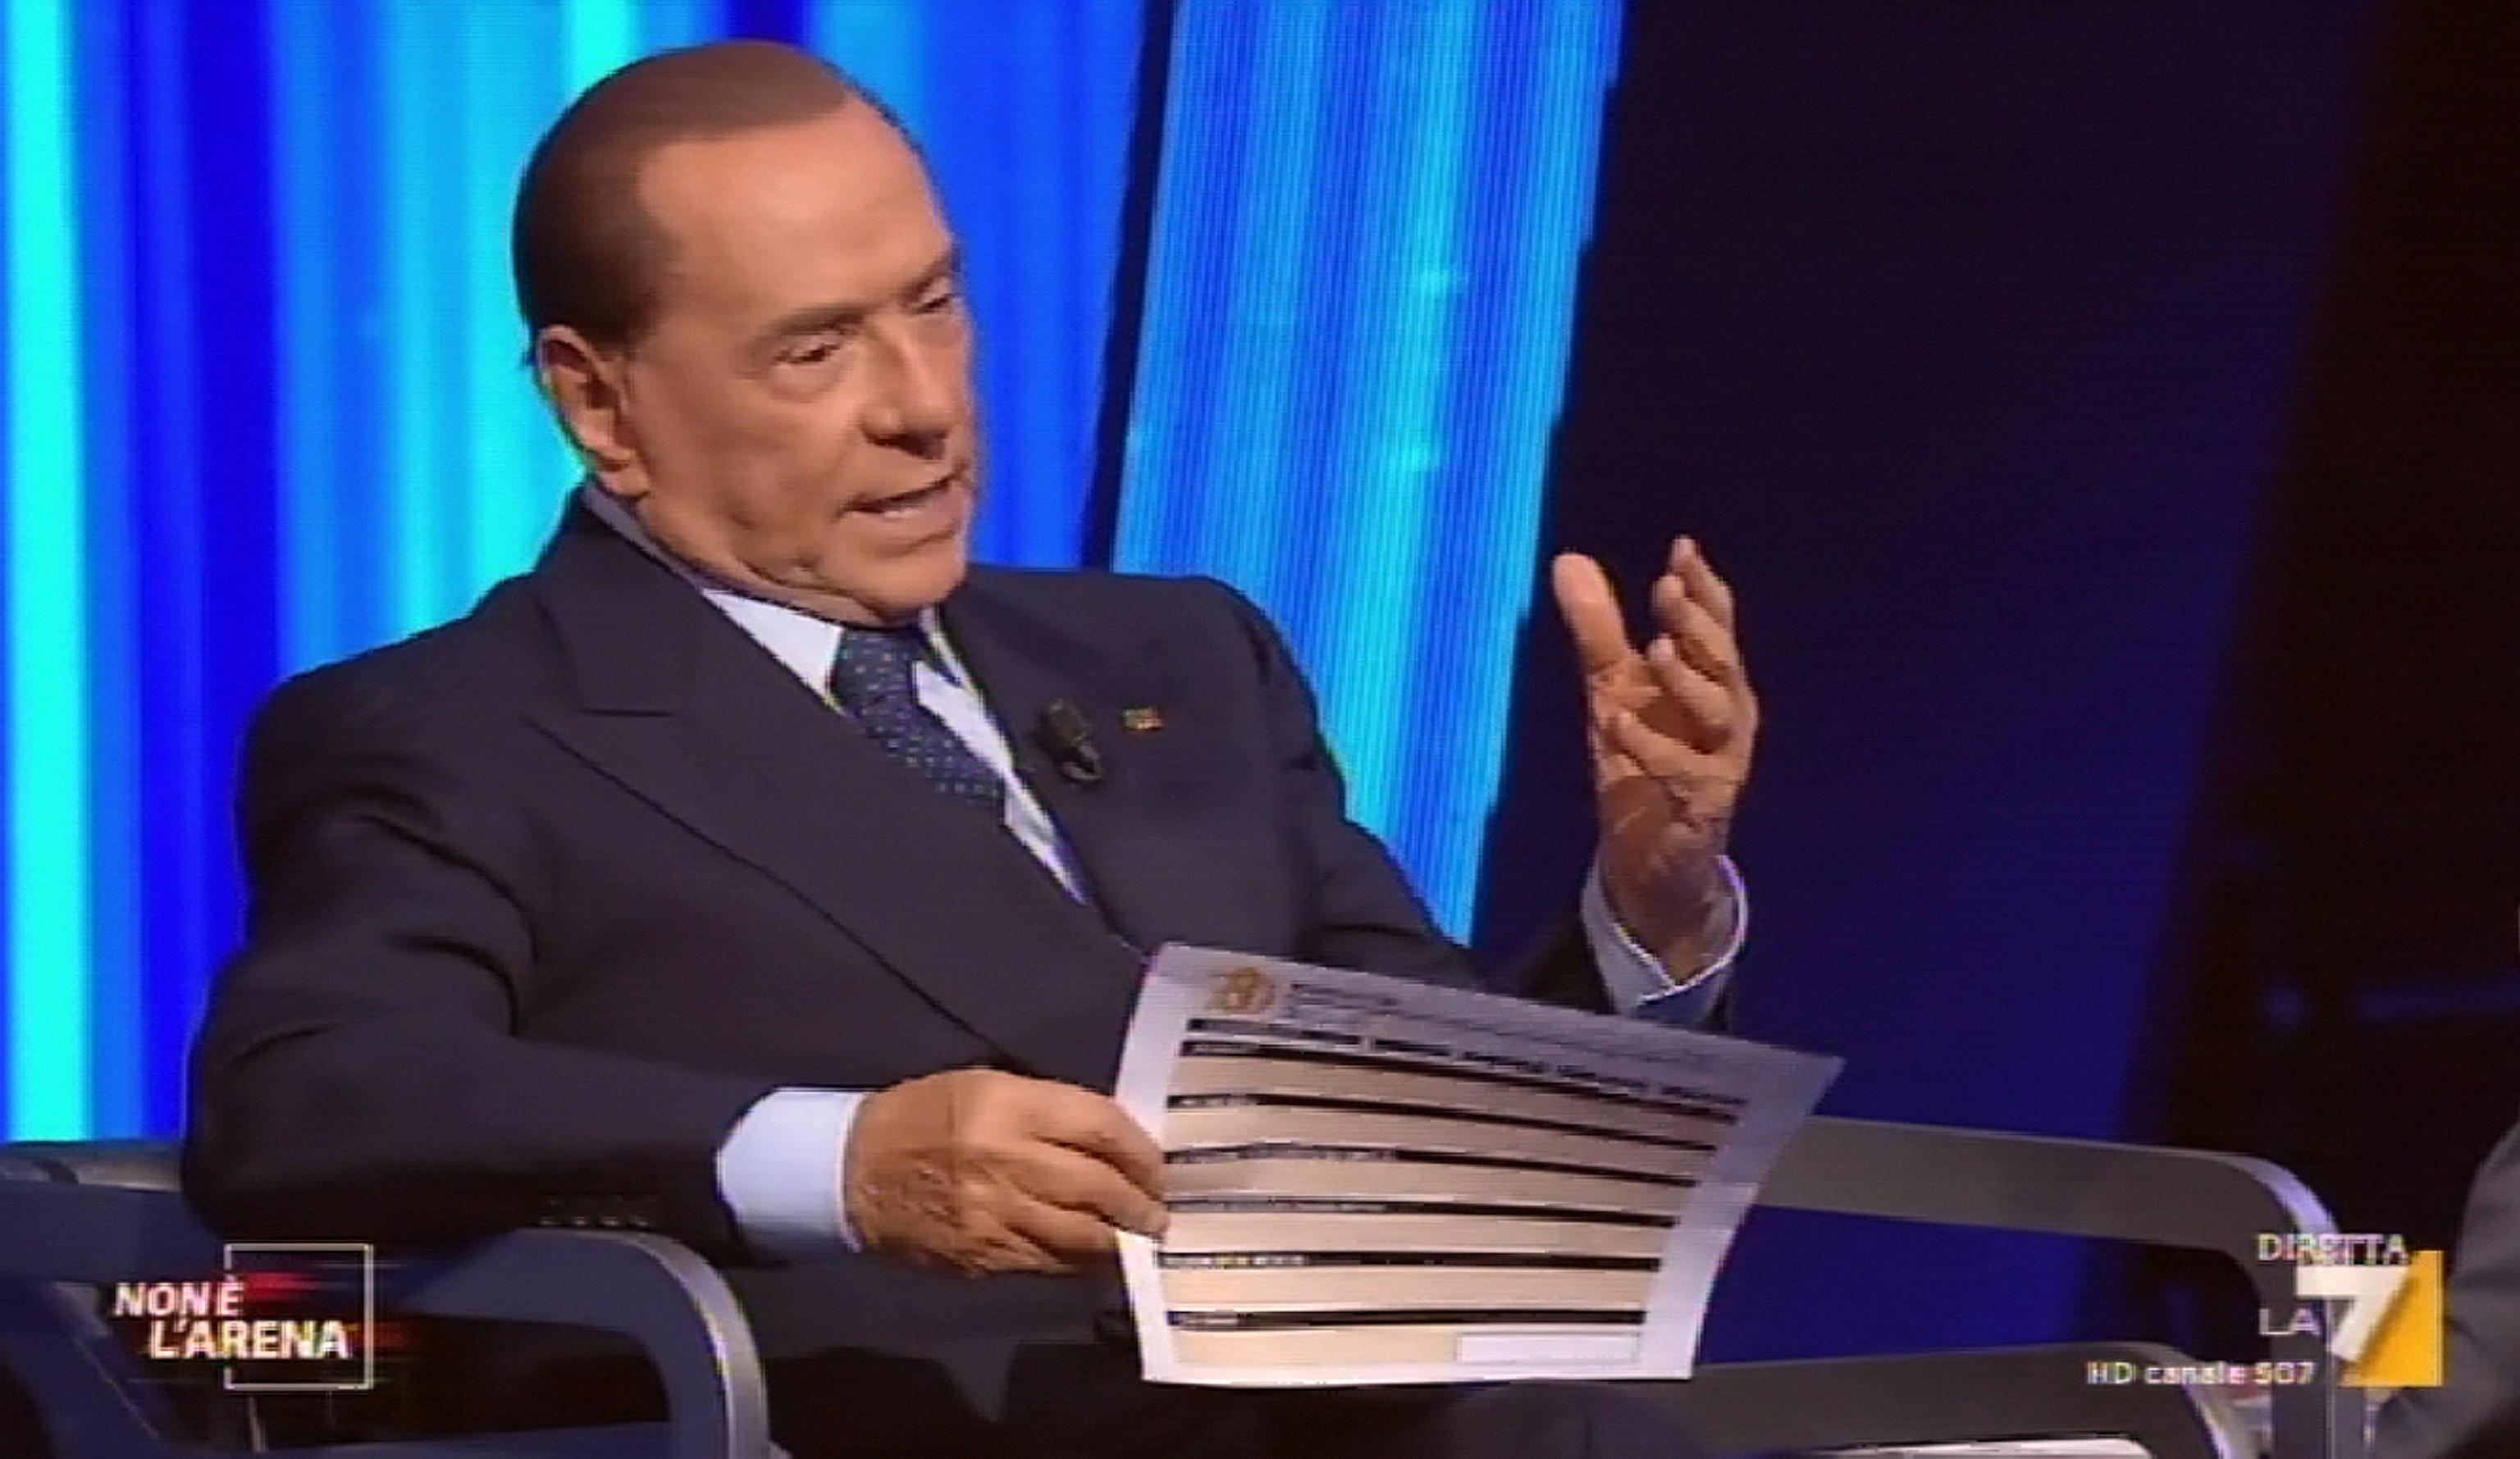 Cav, Renzi ha chiuso con comunismo